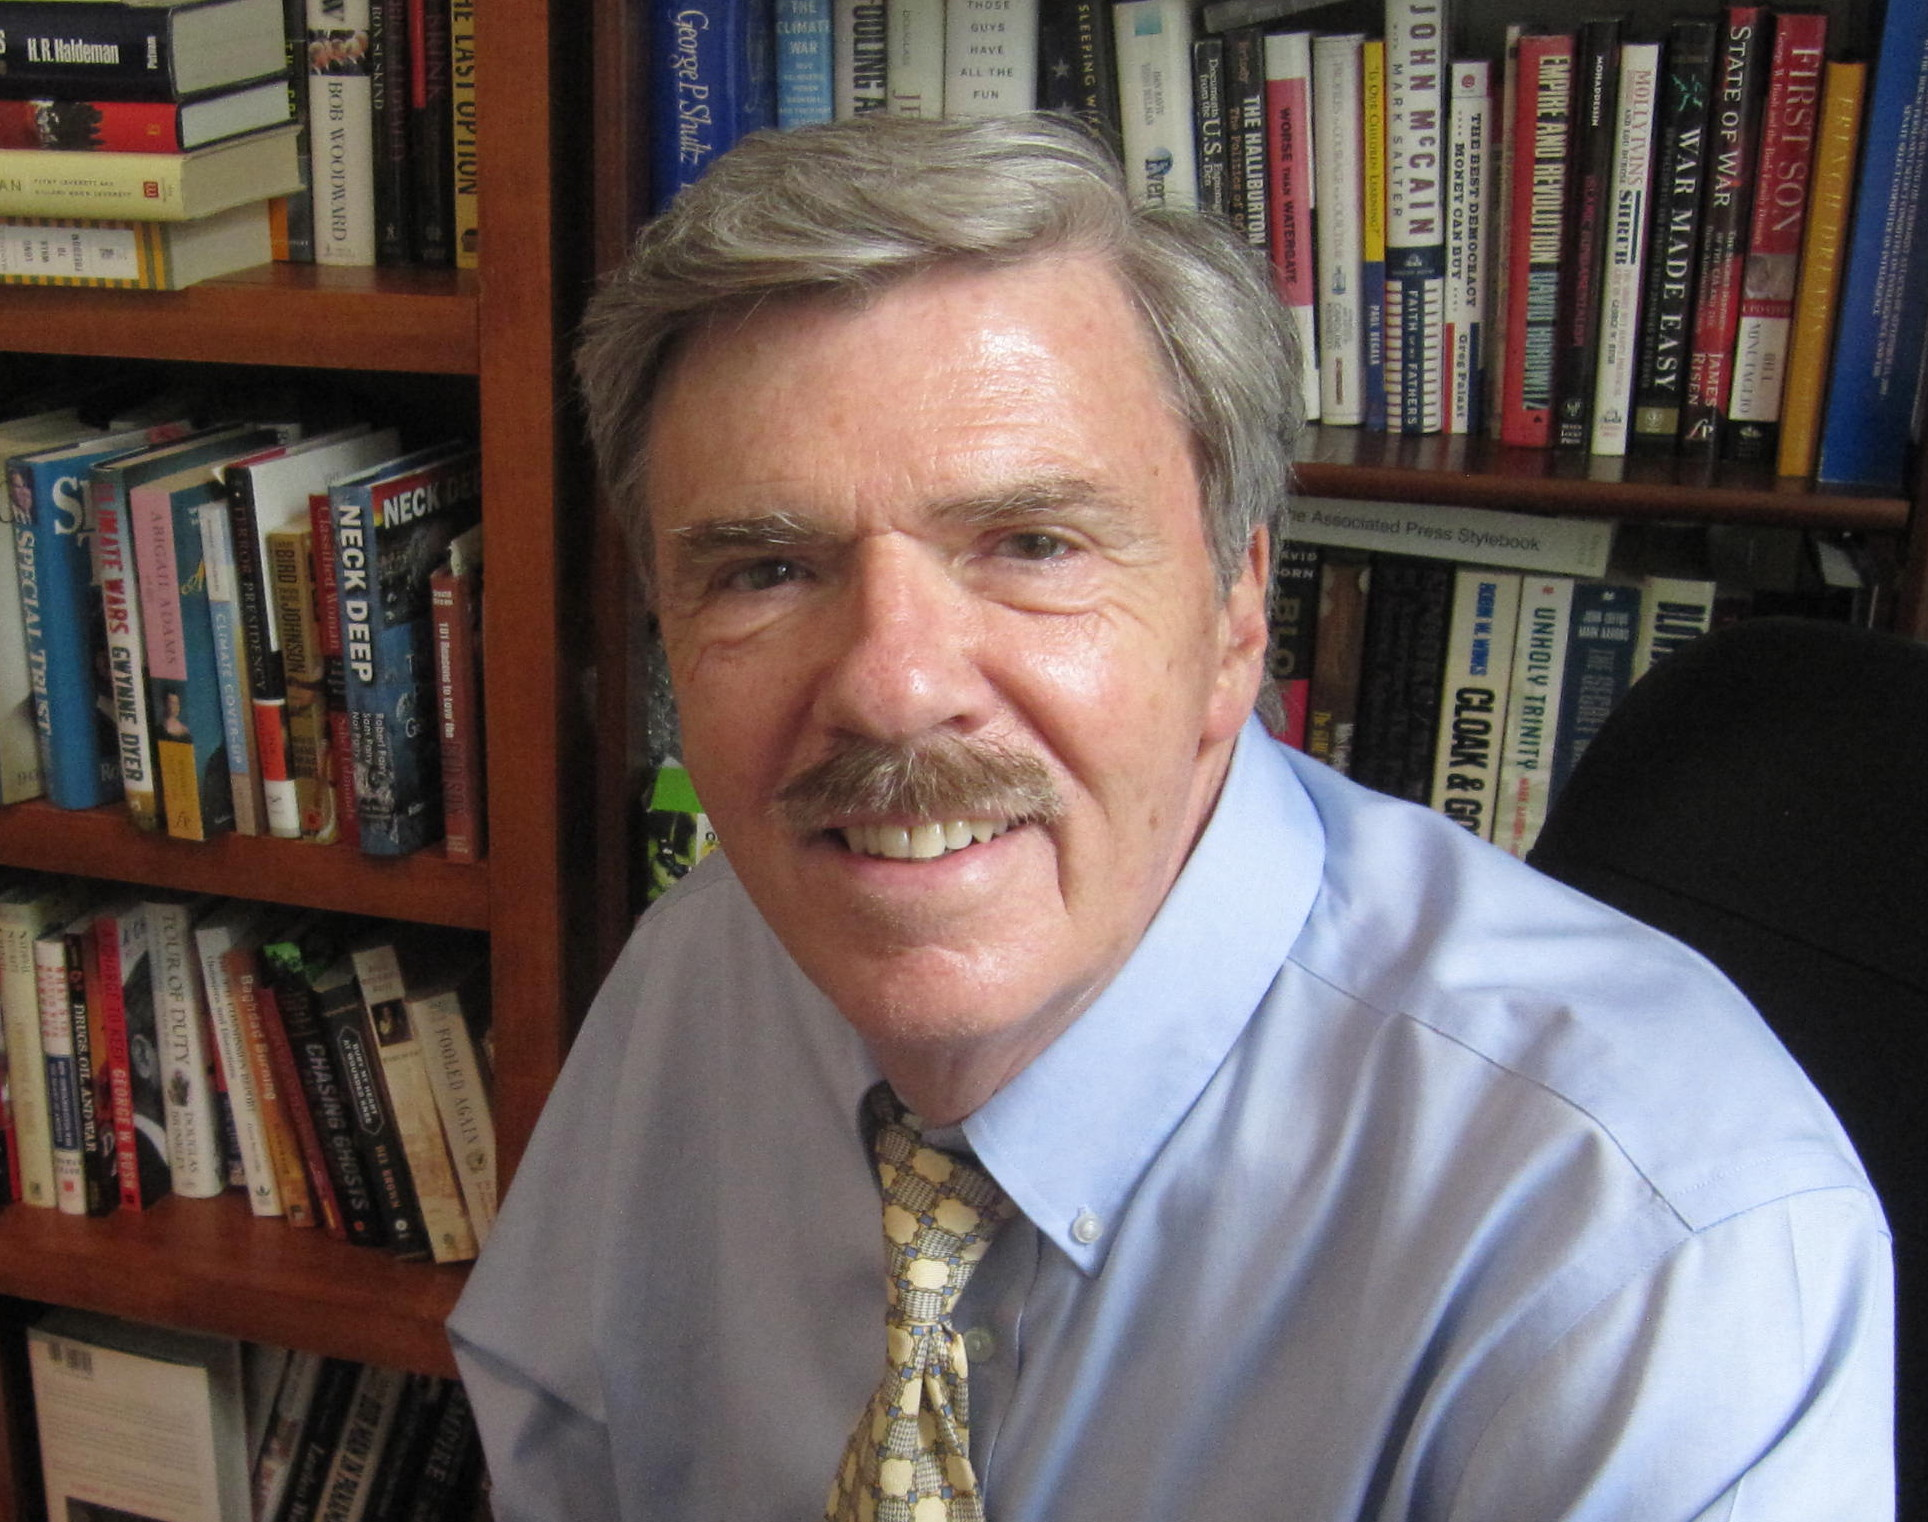 Photo via consortiumnews.com